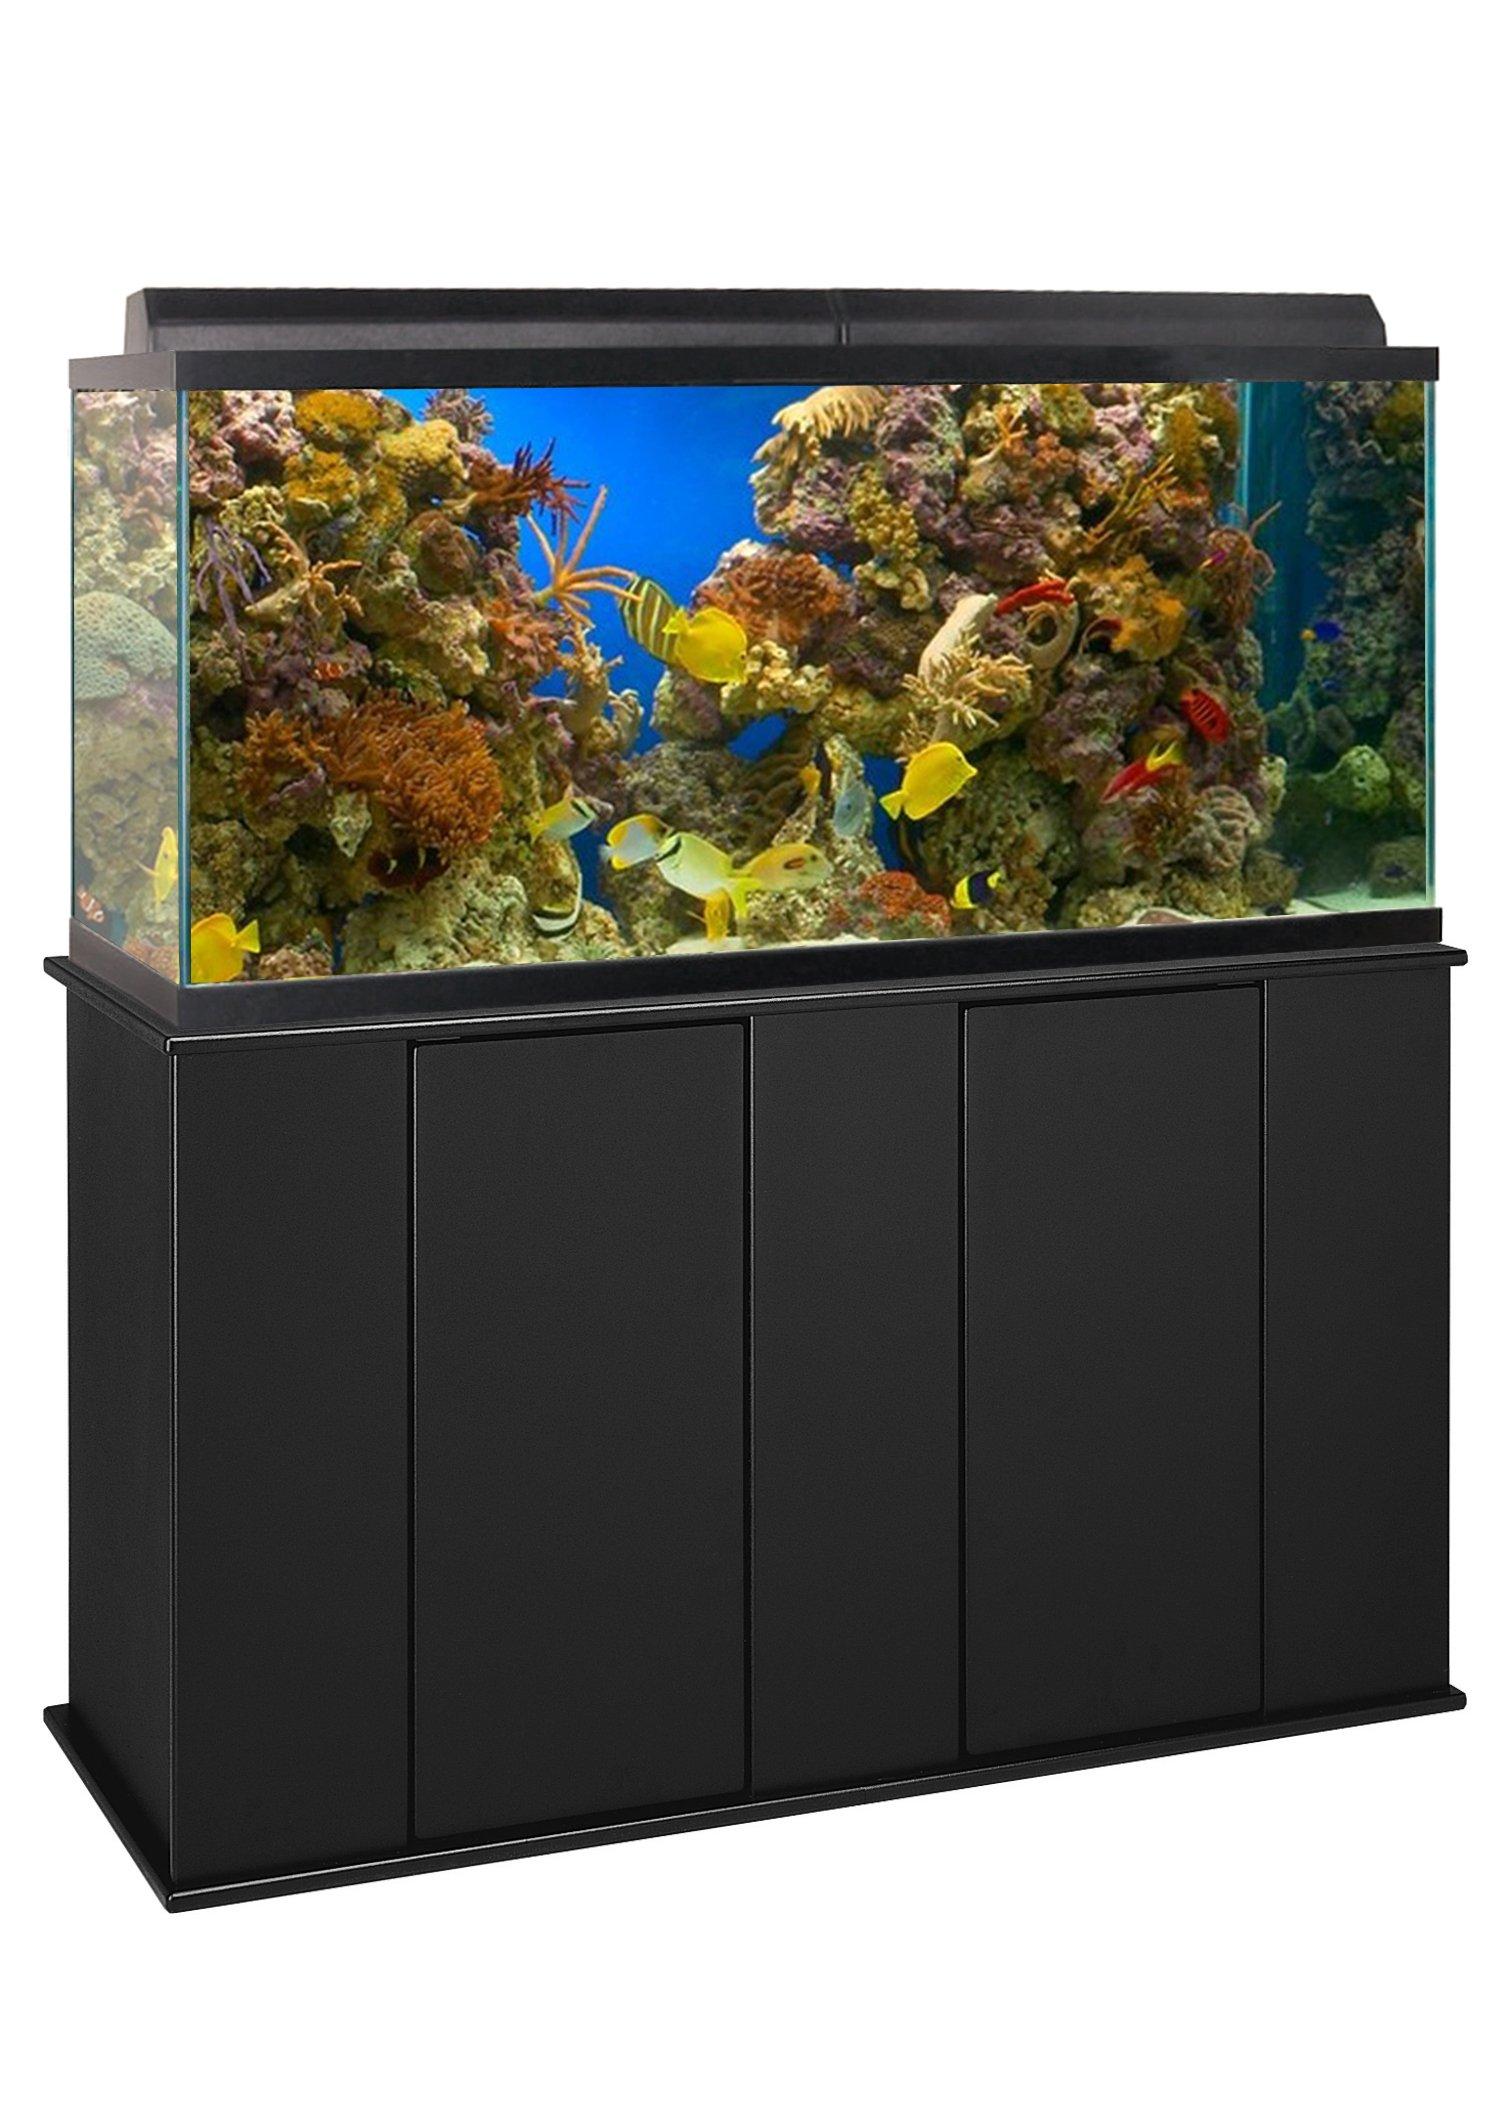 Aquatic Fundamentals AMZ-16751 Aquarium Stand 75 Gallon Black